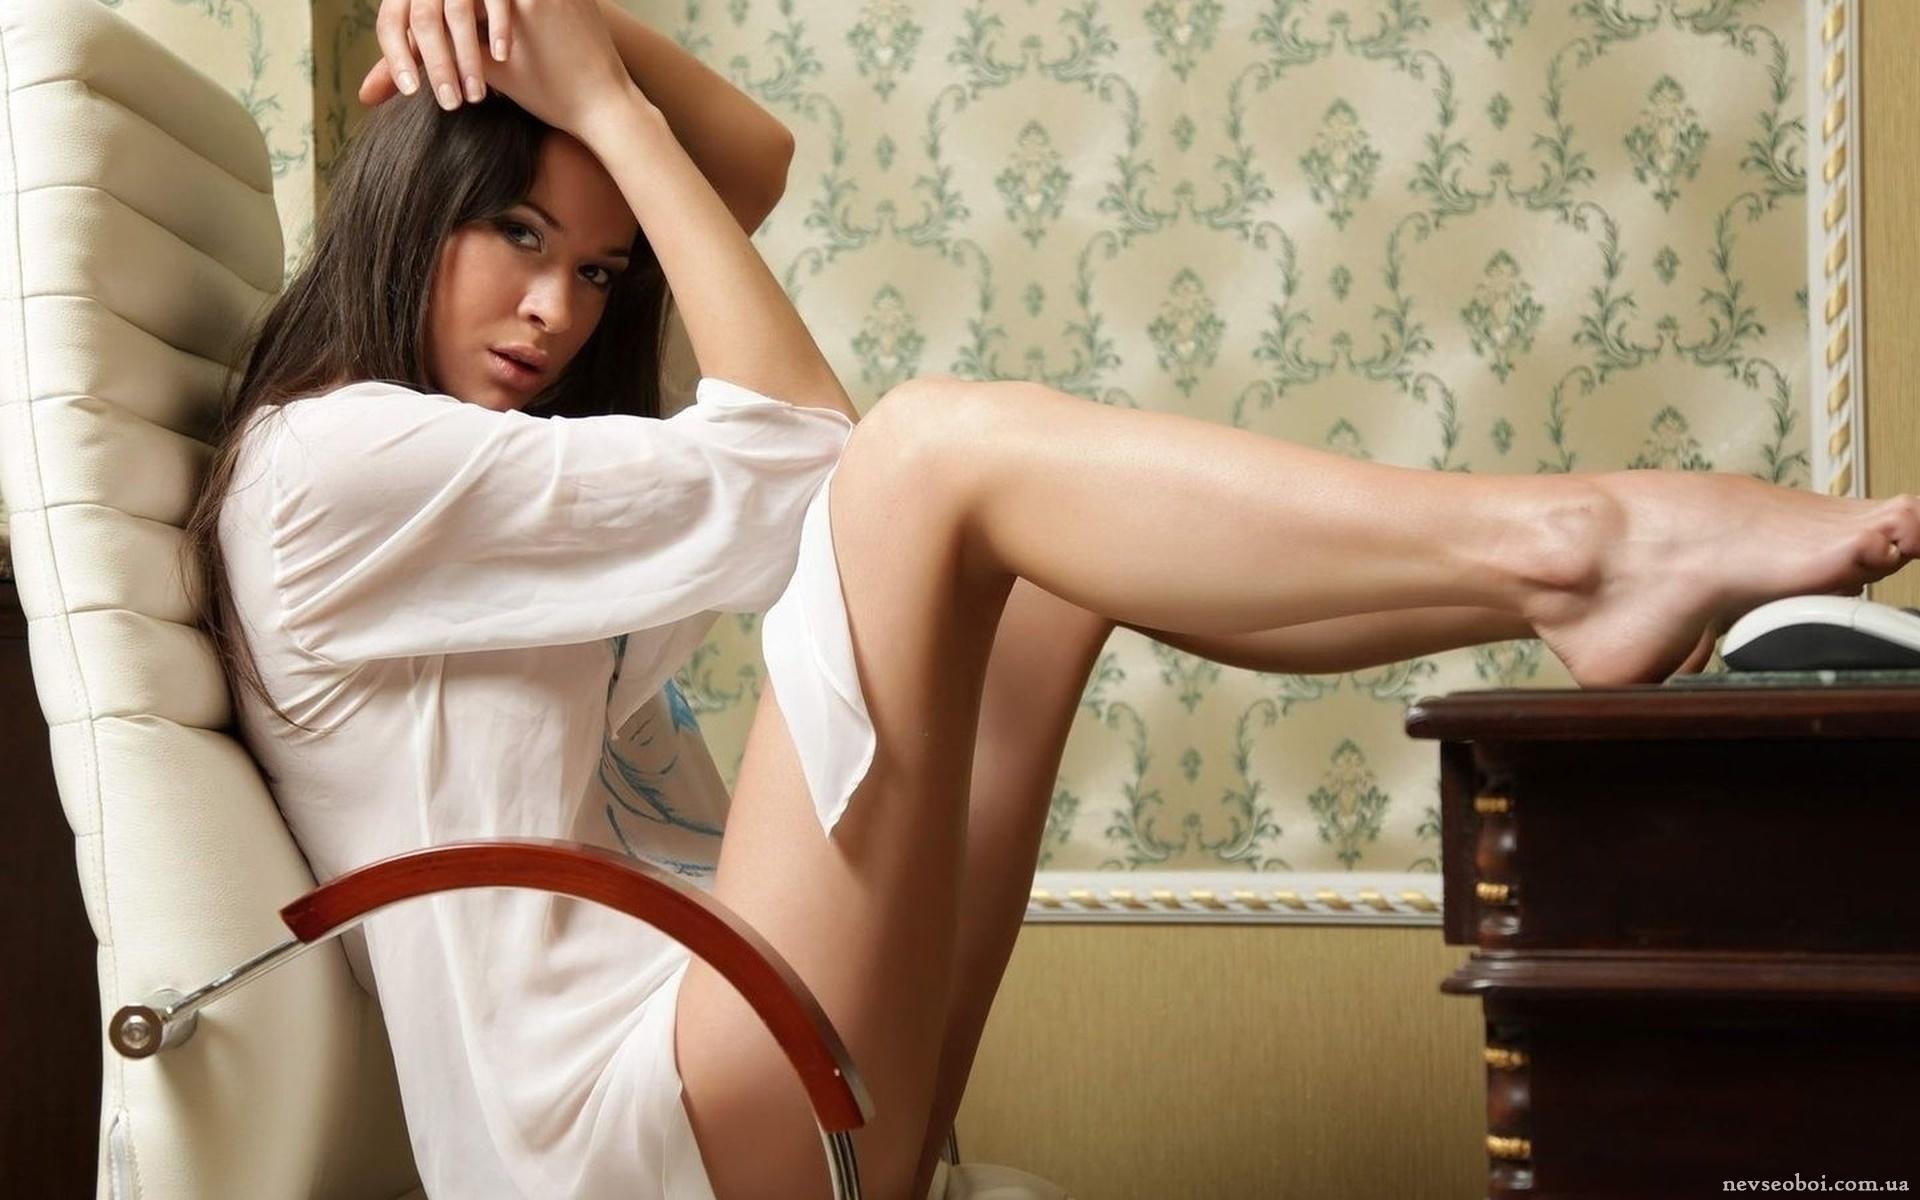 Фото на кресле девушки 1 фотография